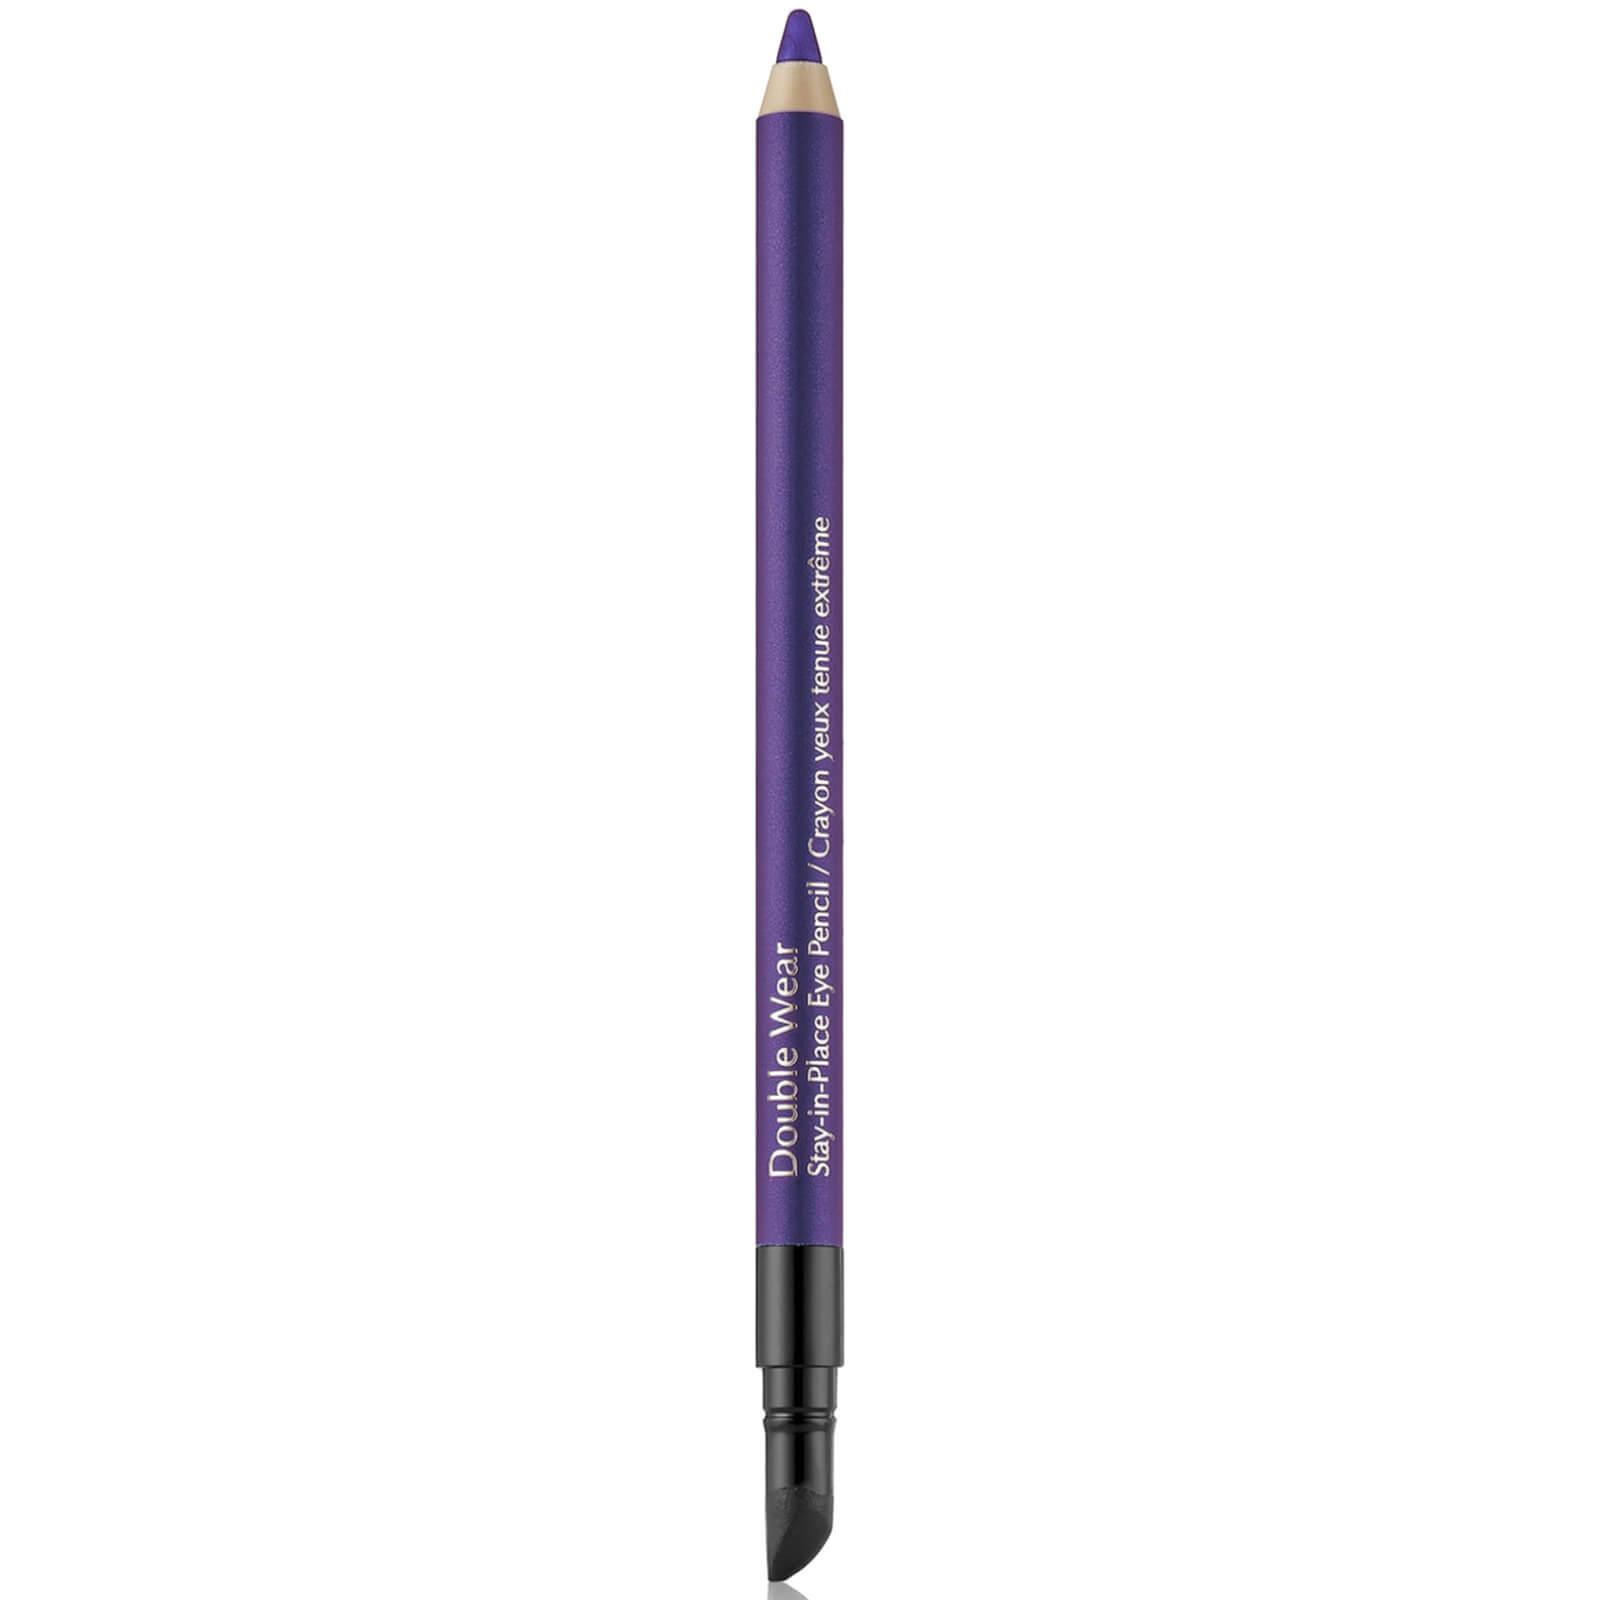 Estée Lauder Double Wear Stay-in-Place Eye Pencil 1.2g - Night Violet